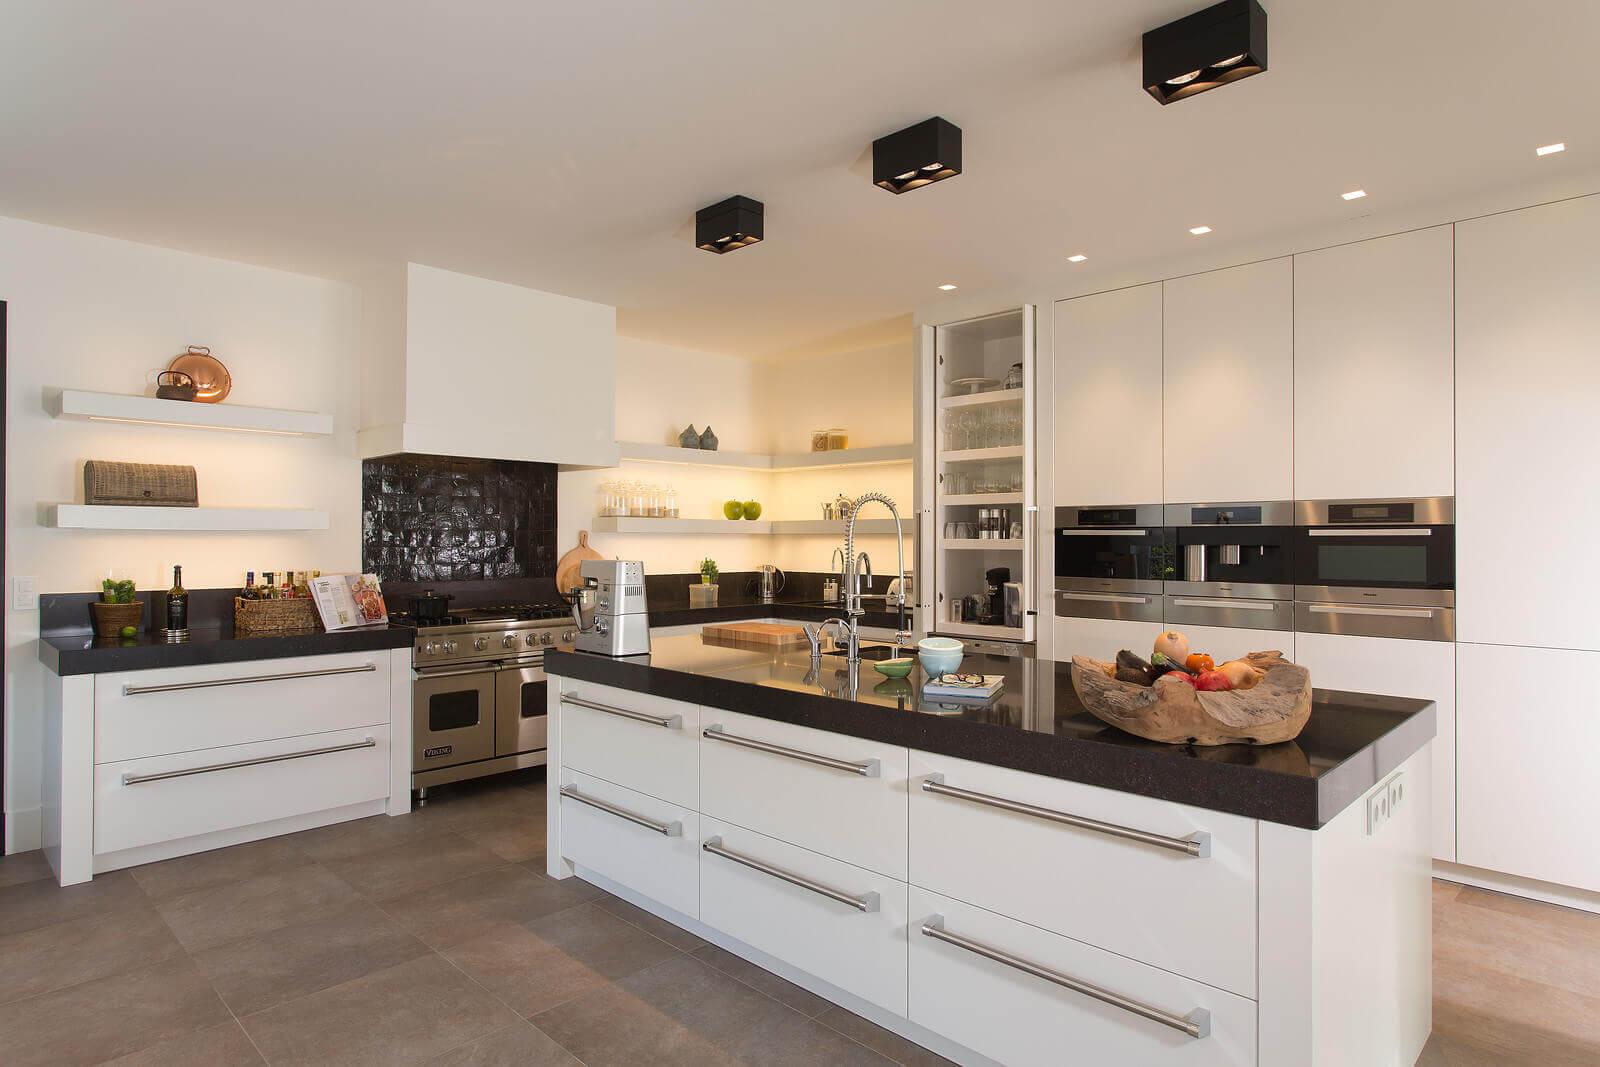 Inspiratie voor prachtige keukens